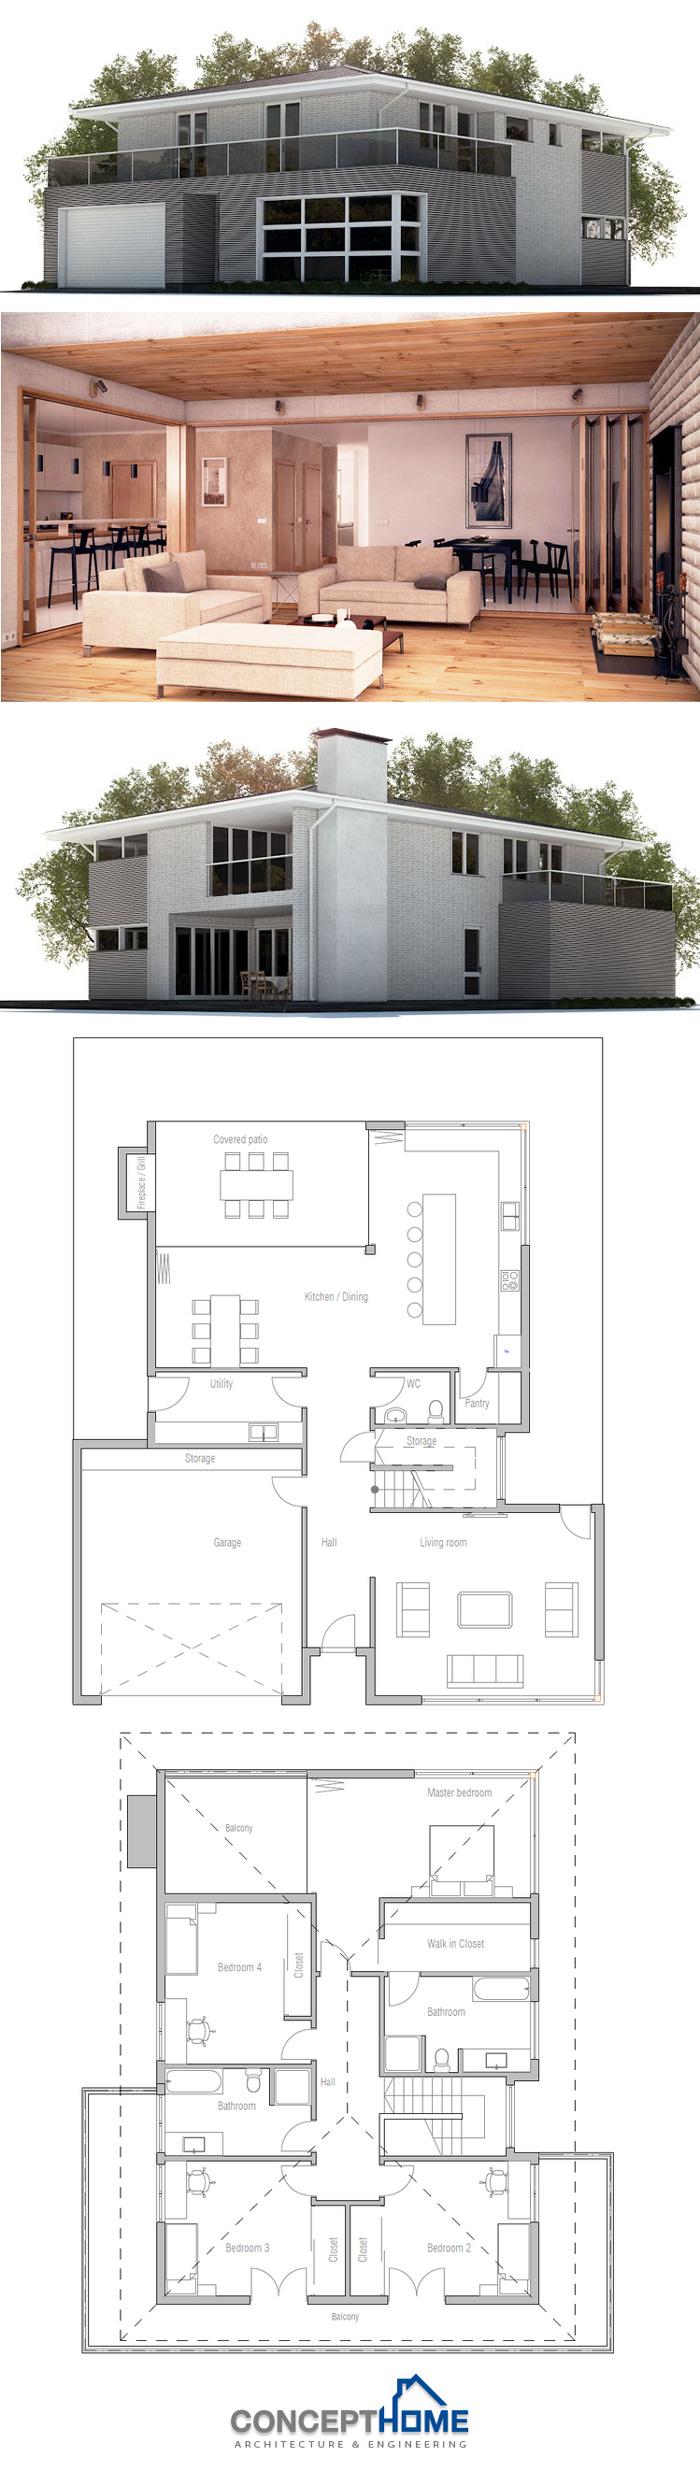 House Plan Droomhuis Haus Haus Plane Haus Ideen